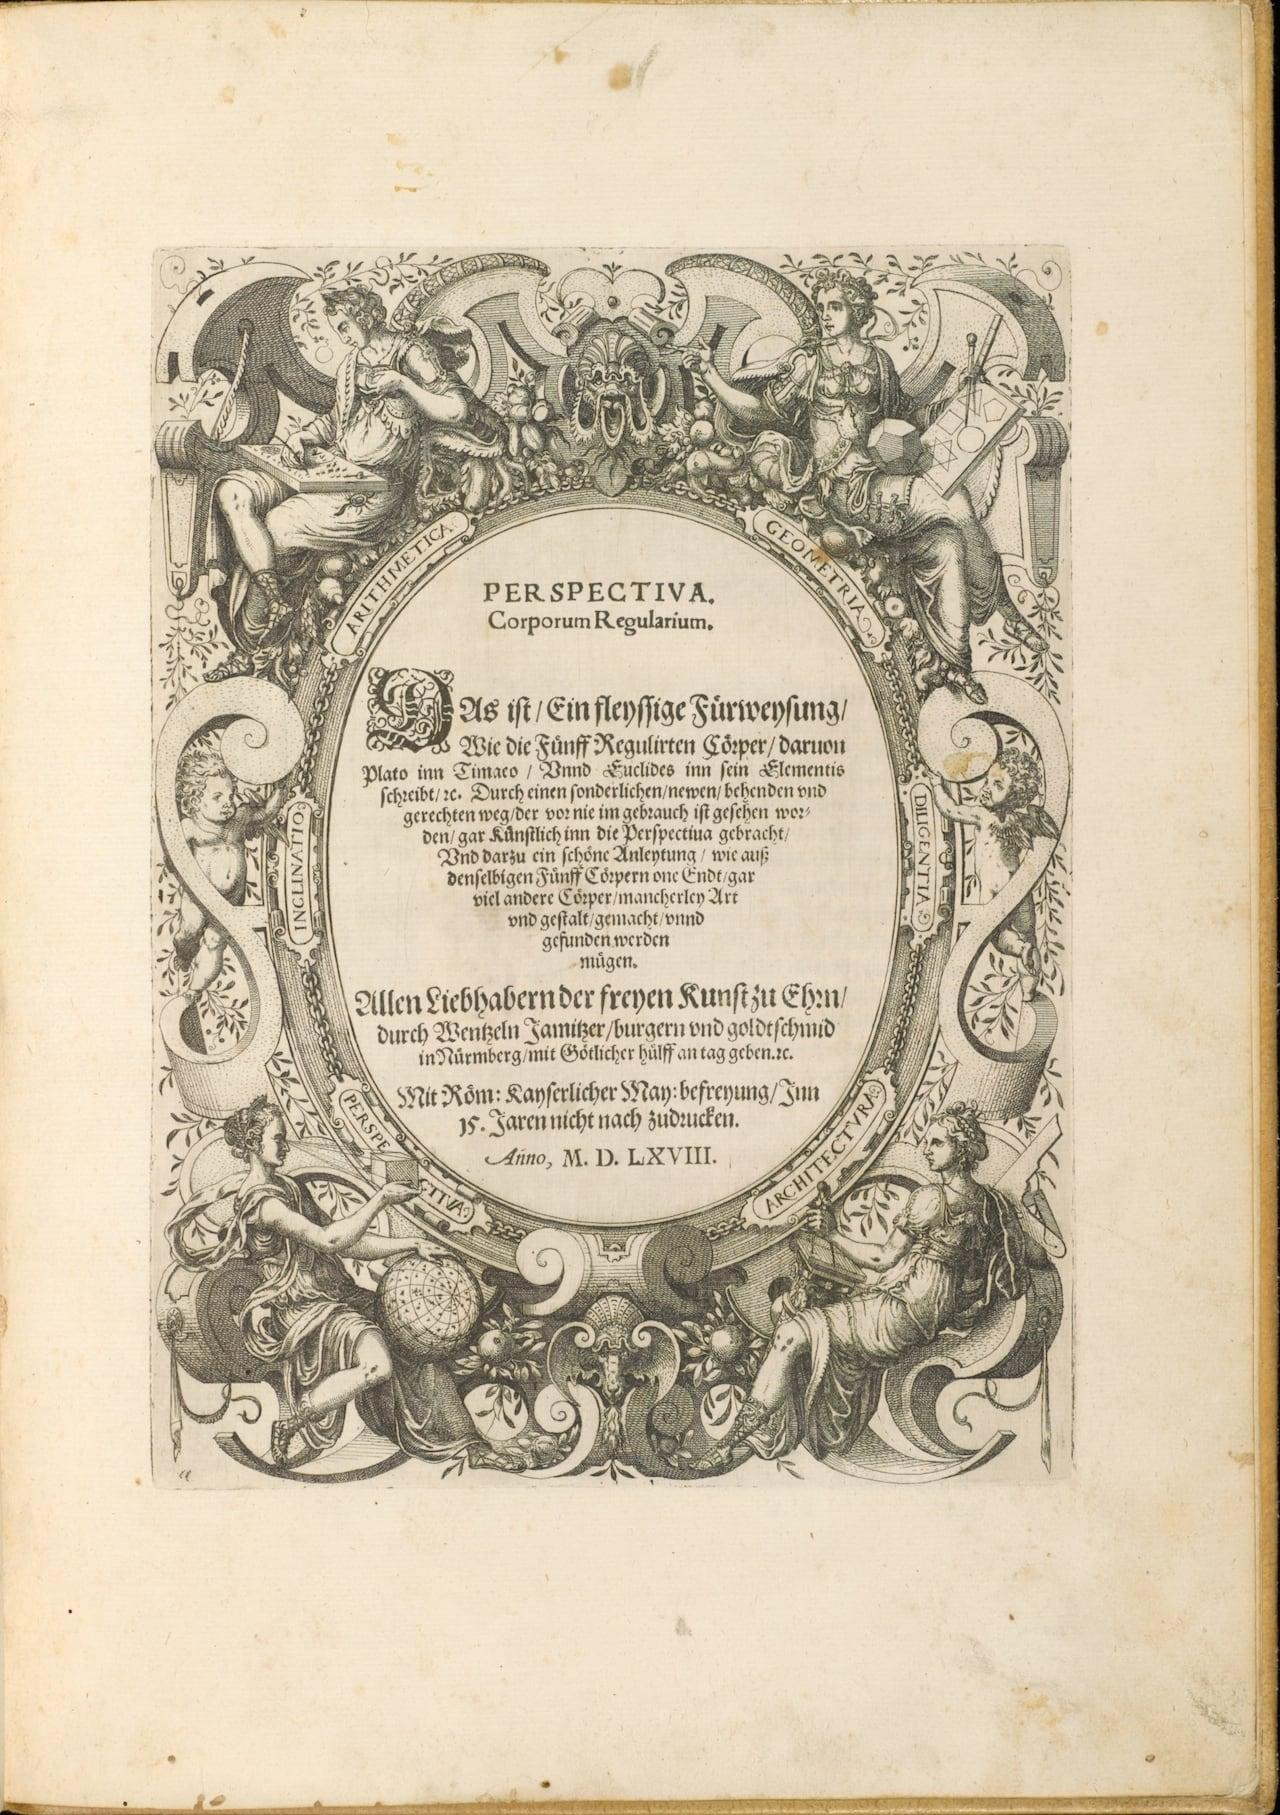 Title page of Wenzel Jamnitzer's 'Perspectiva corporum regularium'